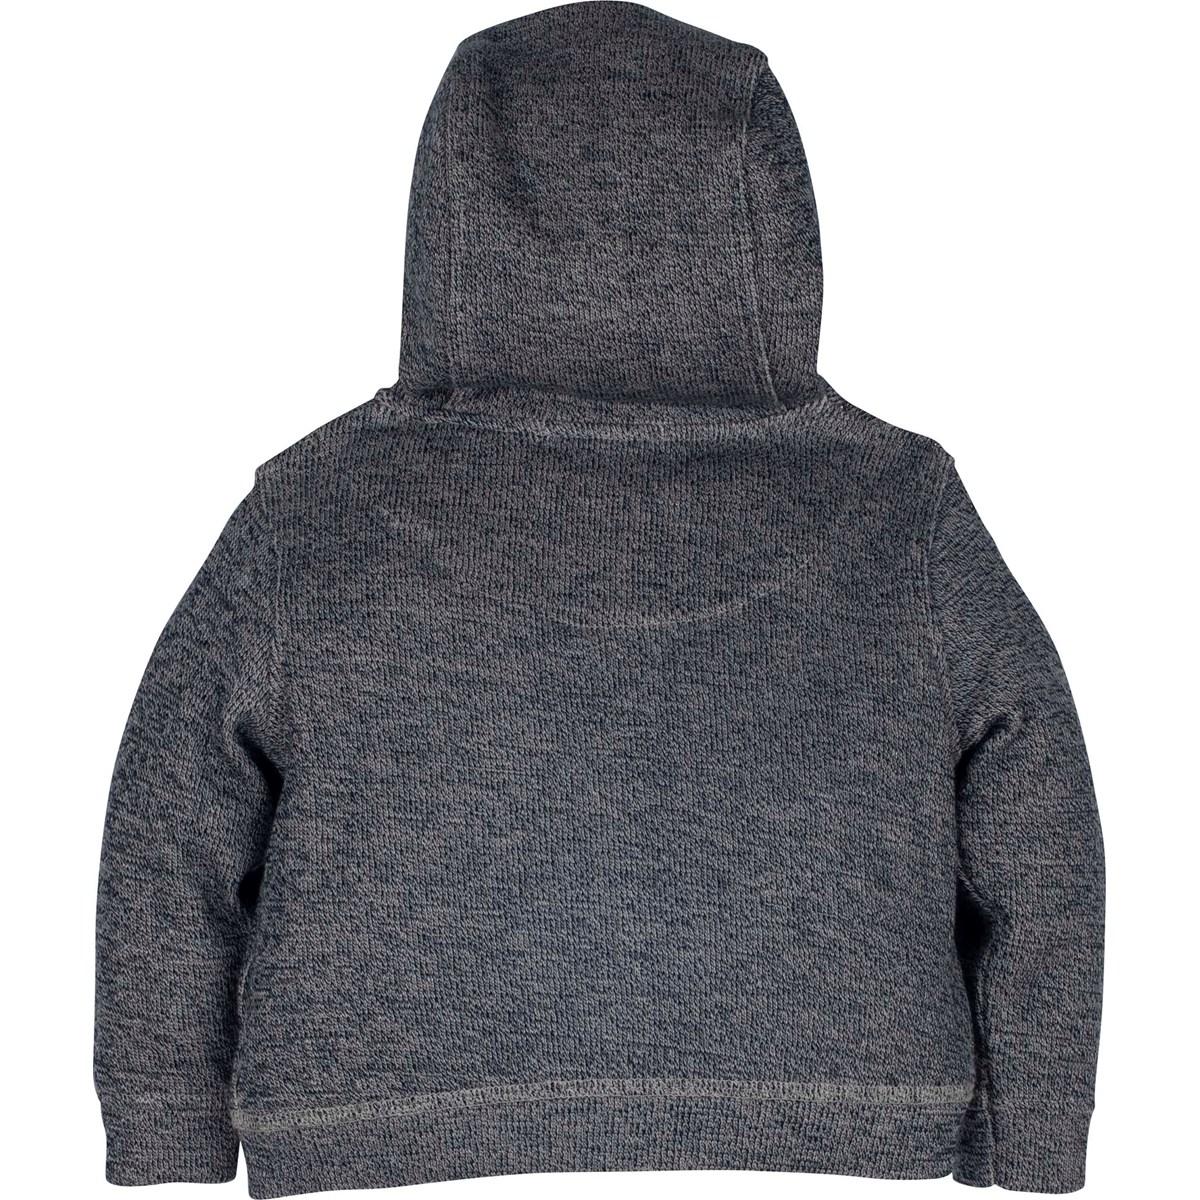 12899 Sweatshirt 2